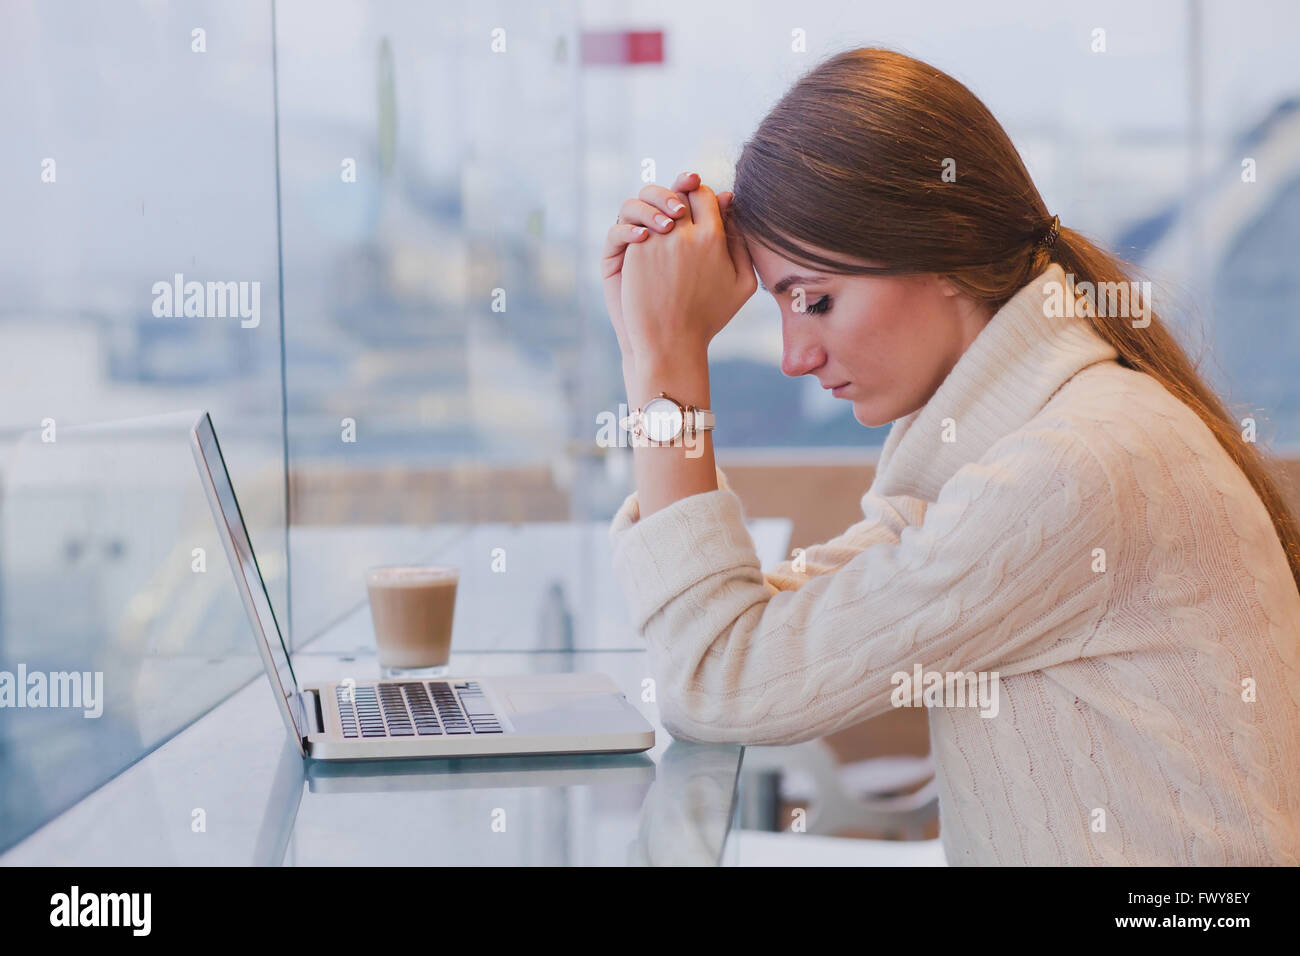 Concepto de desempleo, problema, triste cansada mujer en frente del portátil en la moderna cafetería brillante Imagen De Stock